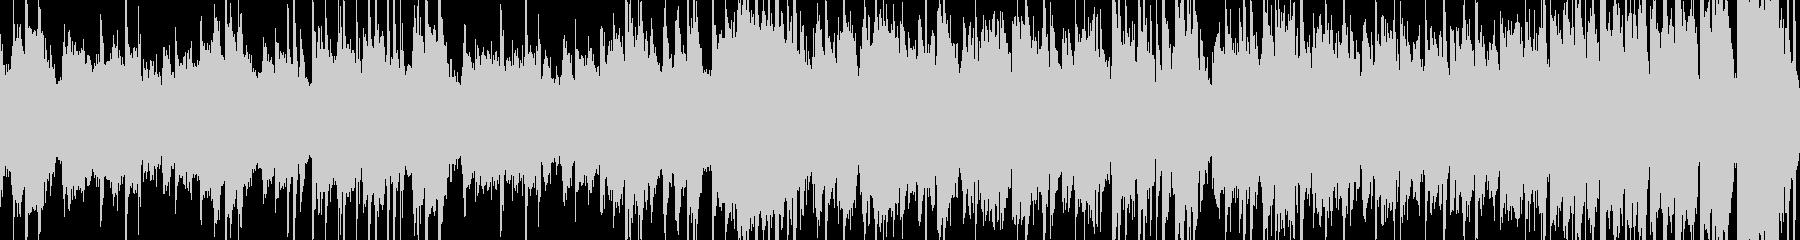 コミカルなミニゲーム向けの短いループ曲の未再生の波形